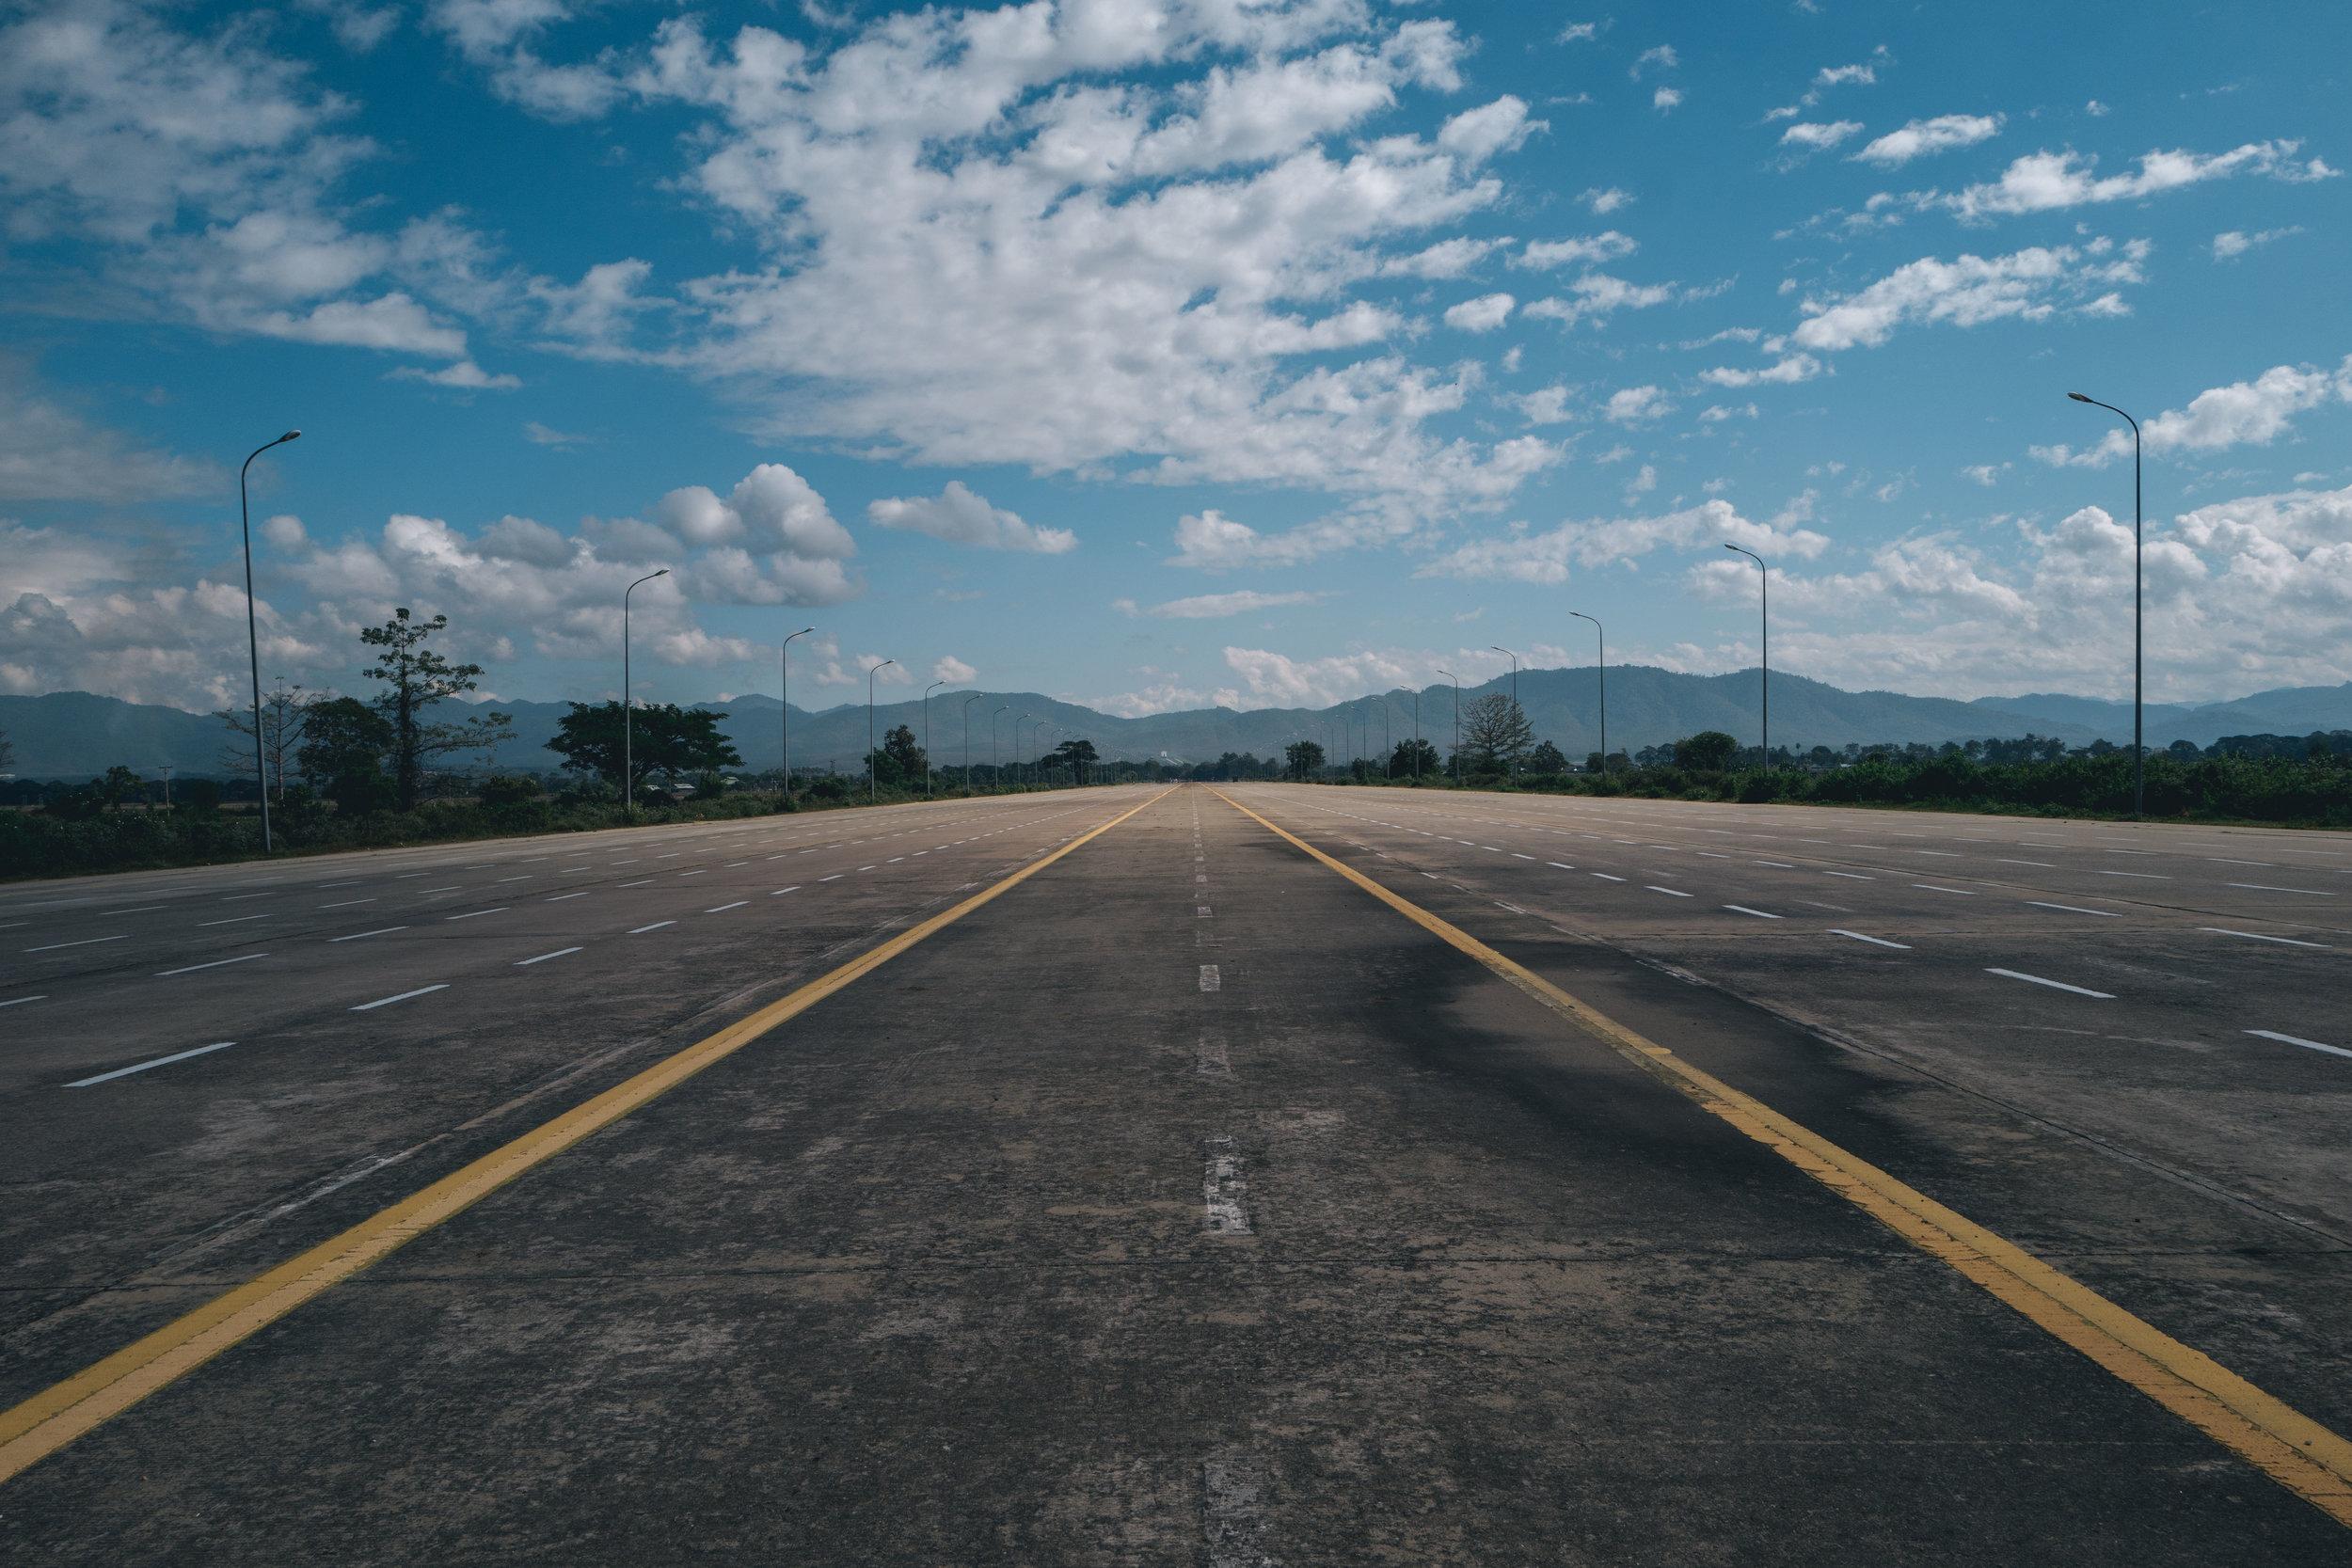 19/26 - Auf dem Weg nach Mandalay